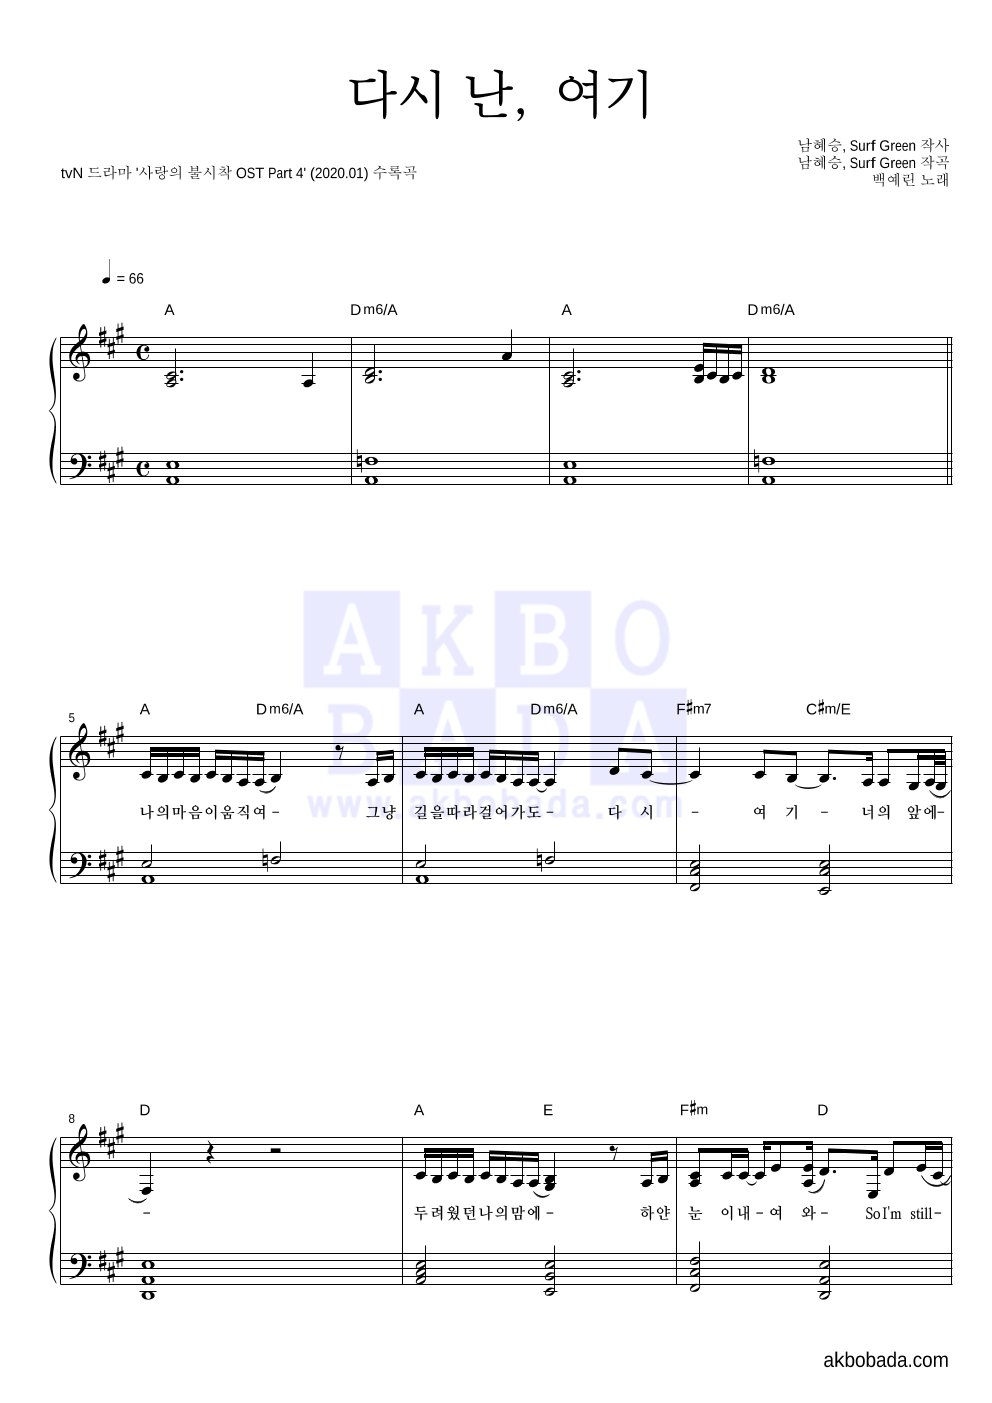 백예린 - 다시 난, 여기 피아노 2단 악보